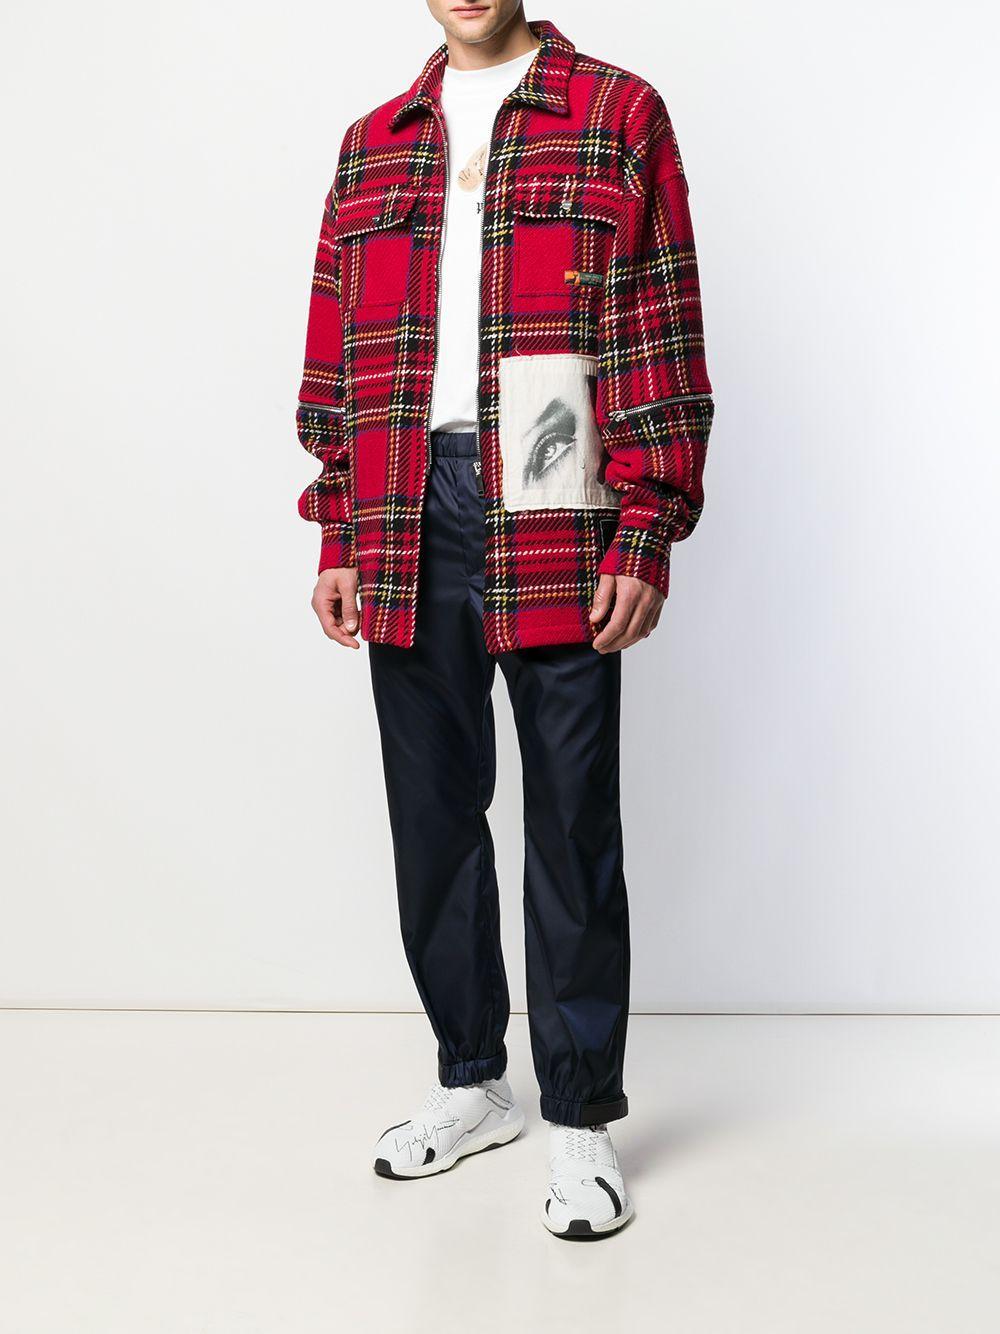 Palm Angels Synthetisch Shirtjack Met Patch in het Rood voor heren